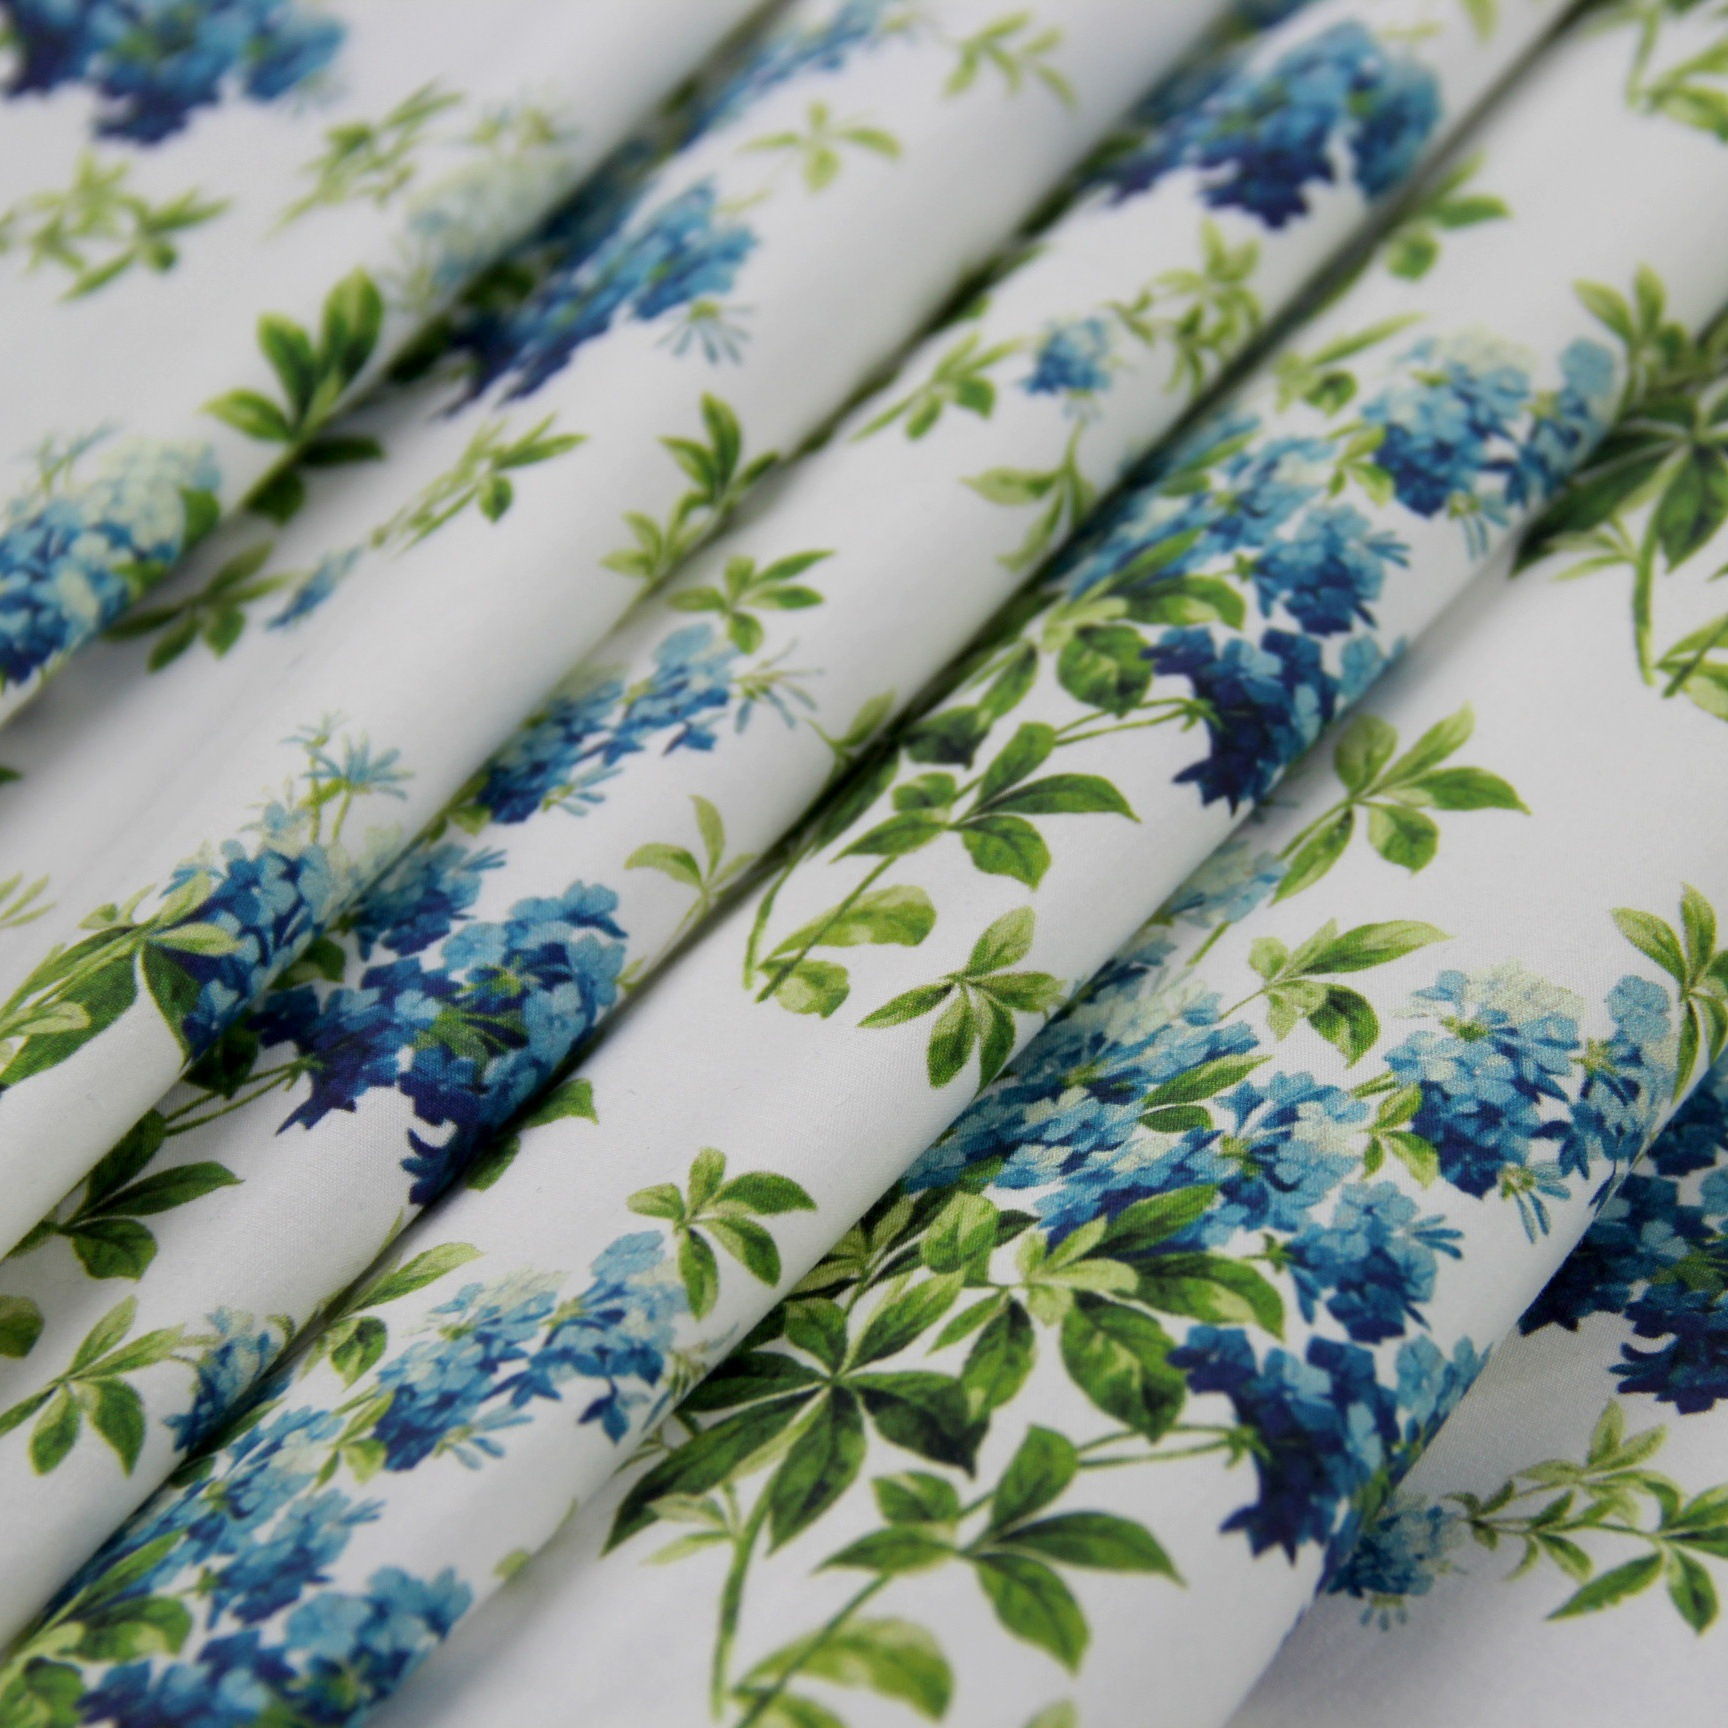 全棉高密府绸数码印花布 白底清新花朵印花 用于裙子衬衫